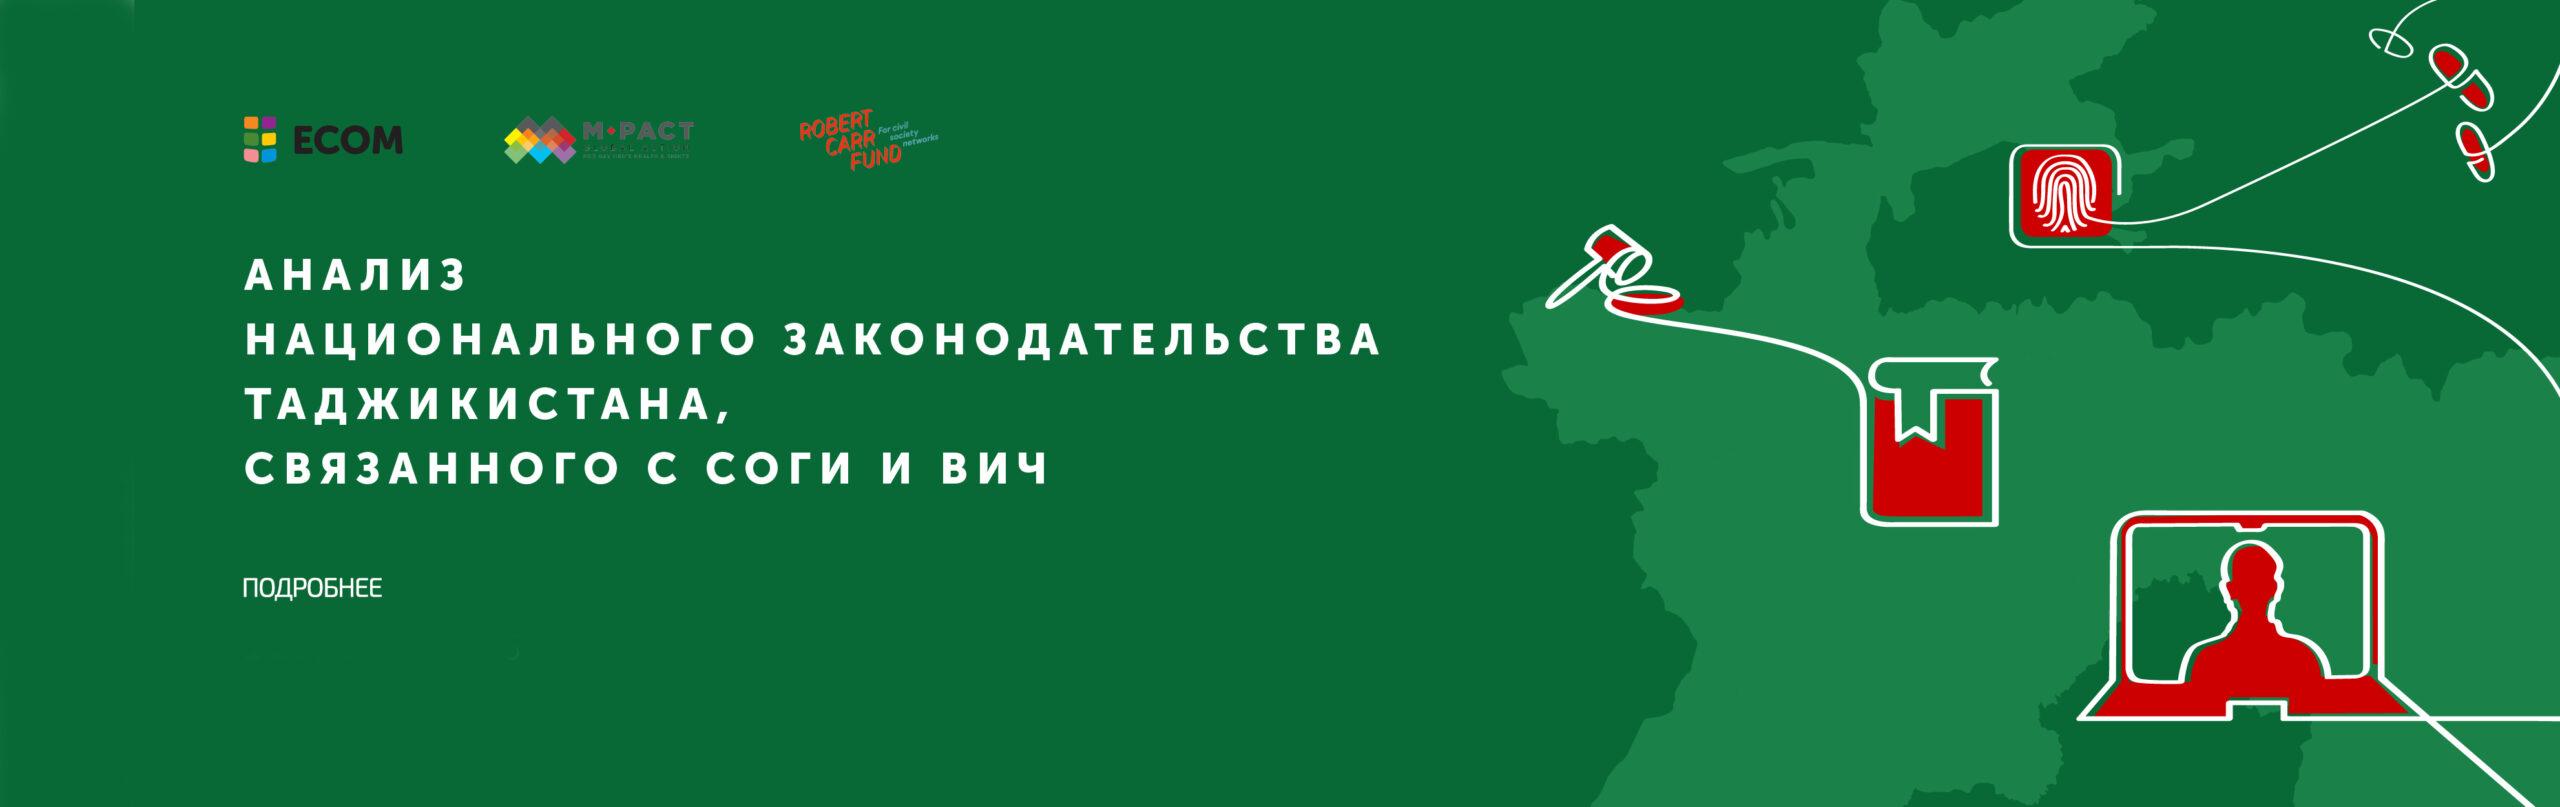 Полная версия анализа национального законодательства Таджикистана, связанного с СОГИ и ВИЧ